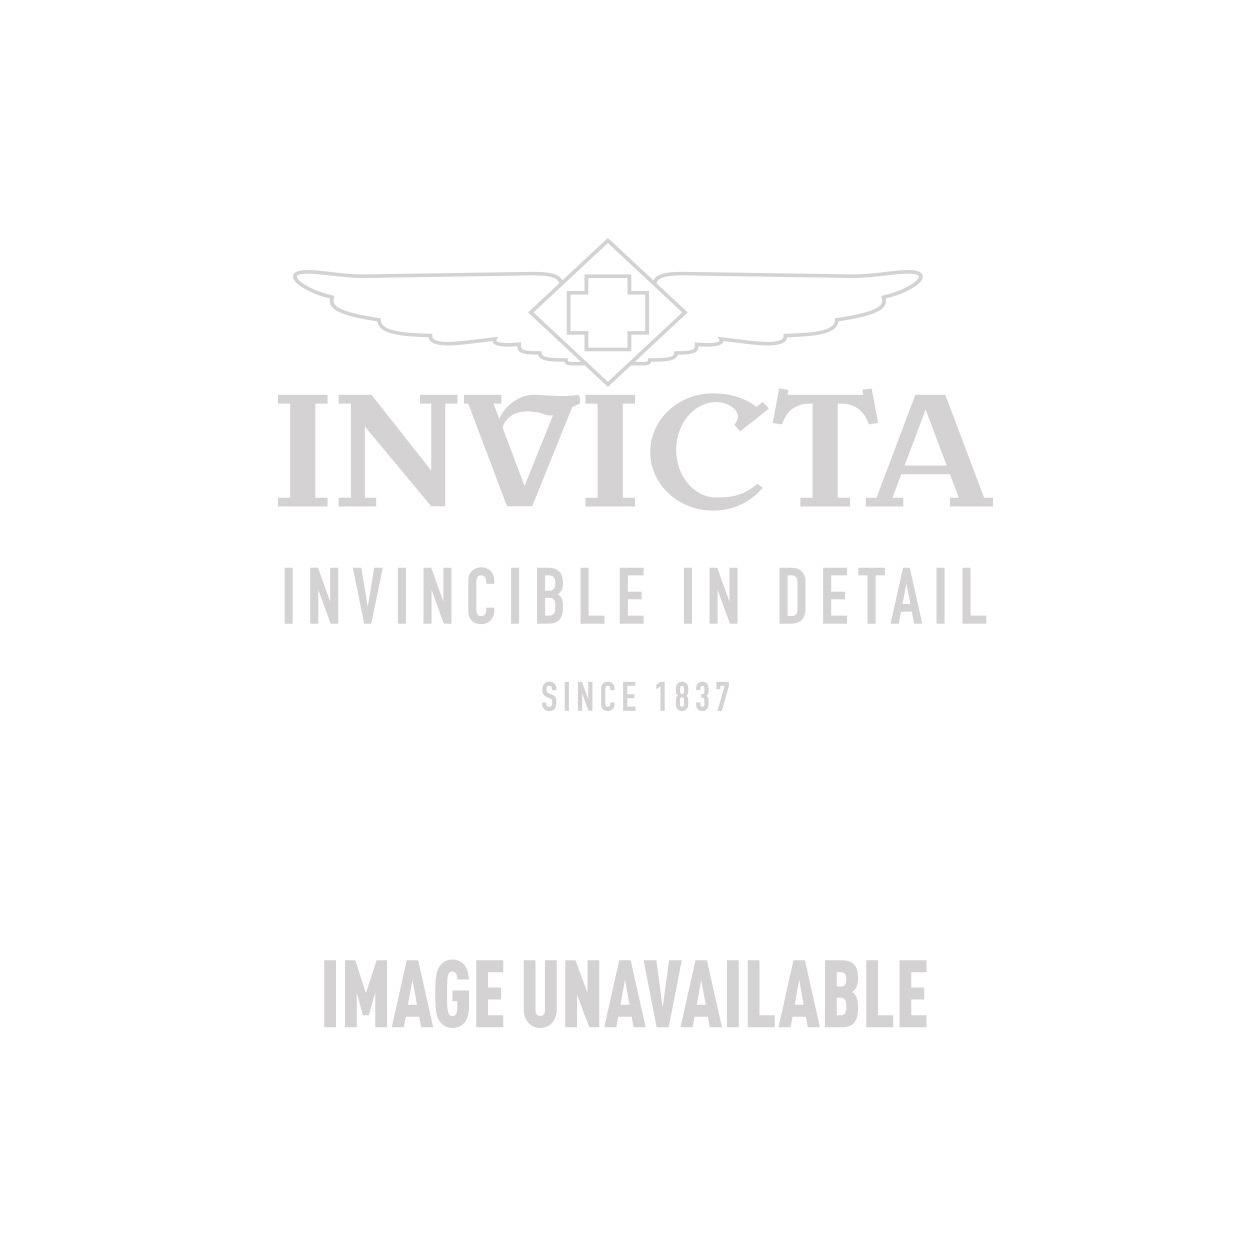 Invicta Model 27230